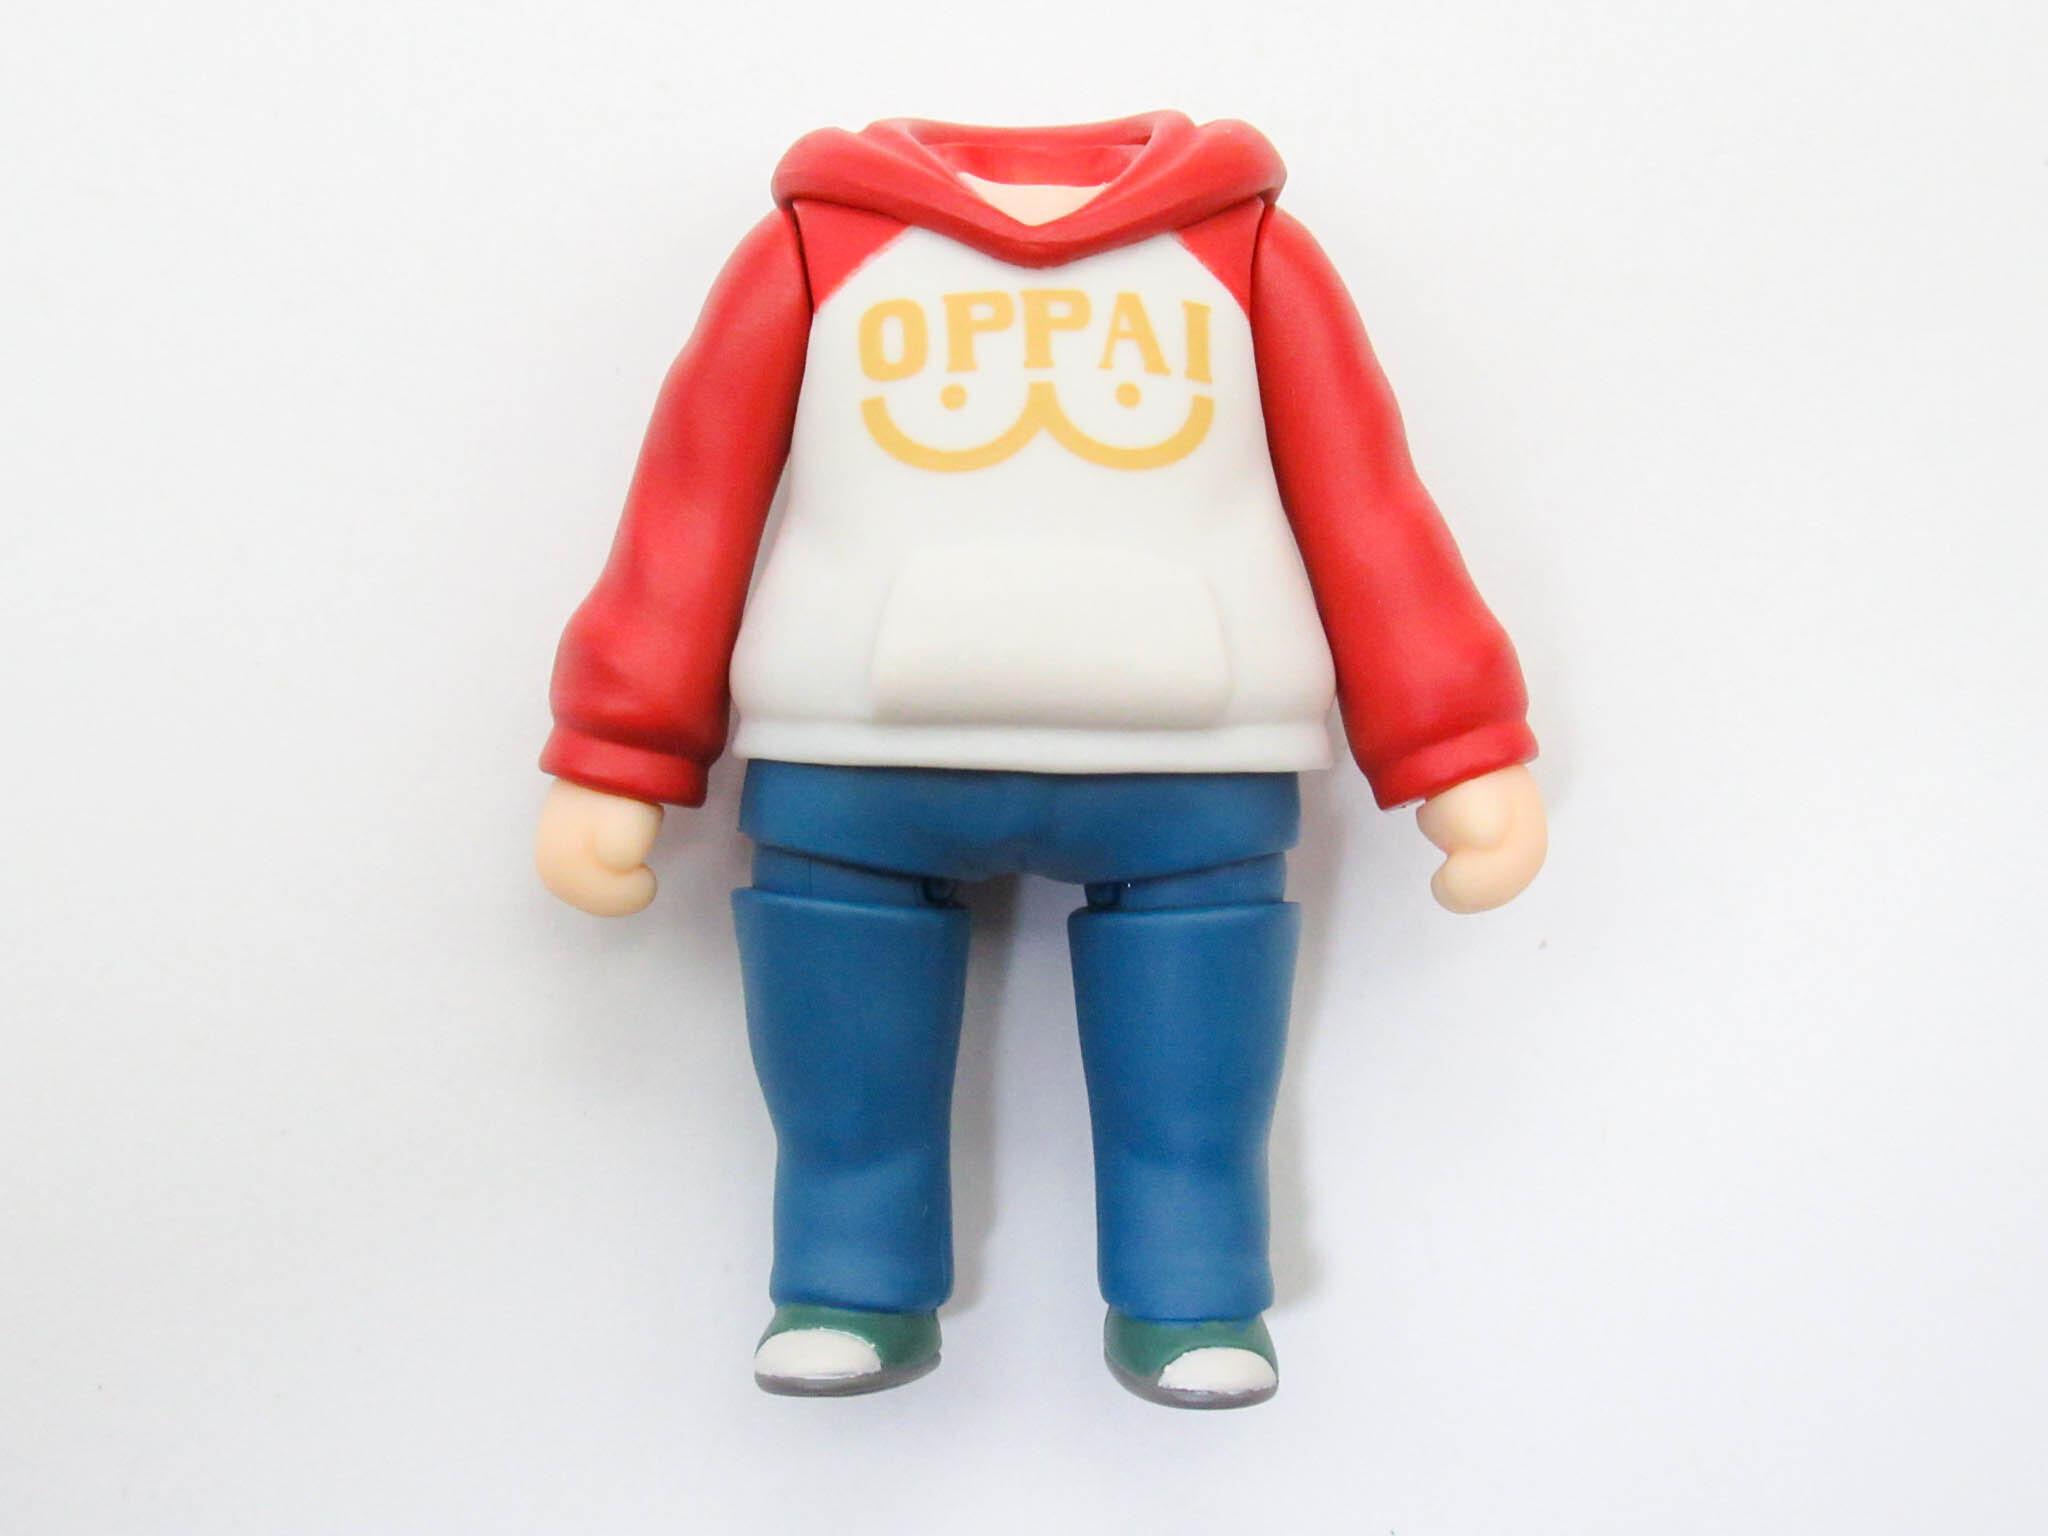 【1081】 サイタマ OPPAI パーカーVer. 体パーツ 私服 ねんどろいど